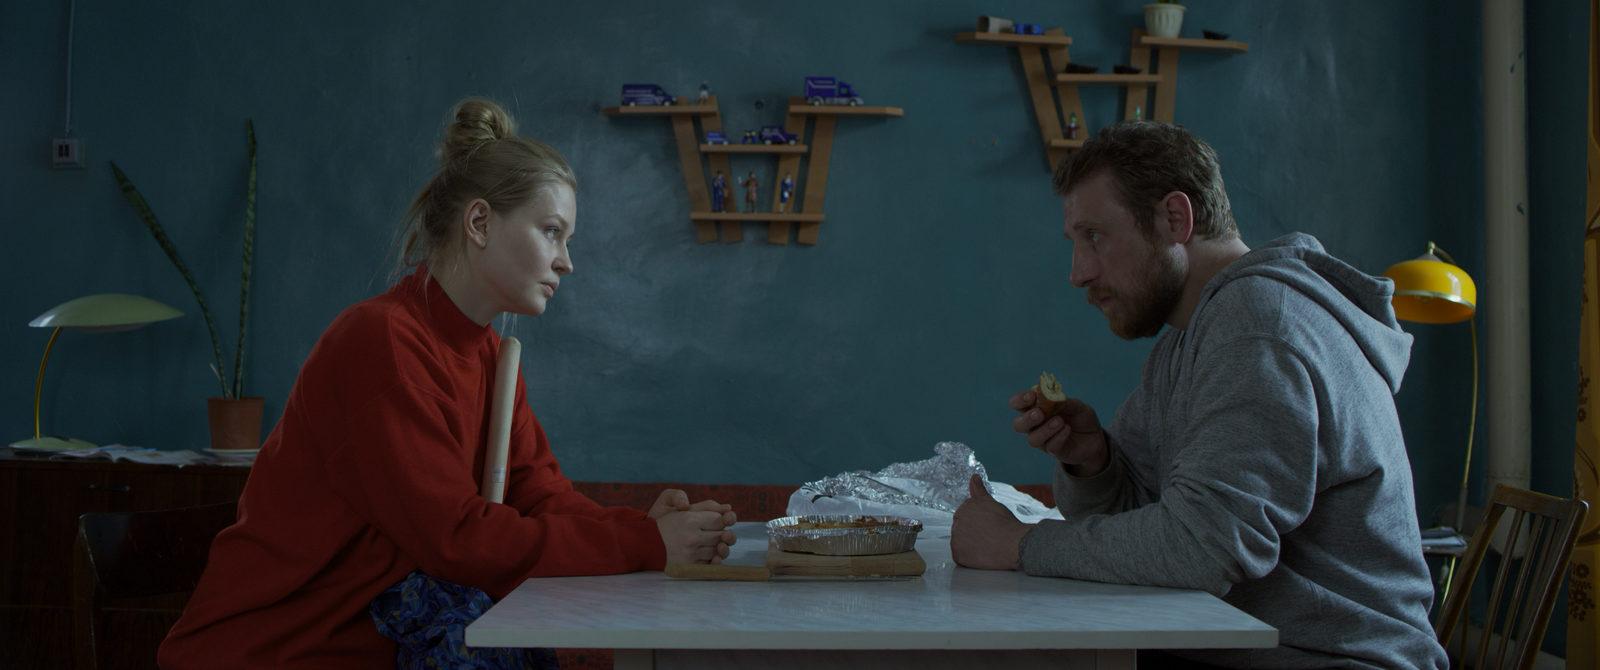 «Sheena667» Григория Добрыгина и «Бык» Бориса Акопова получили первые призы «Кинотавра»